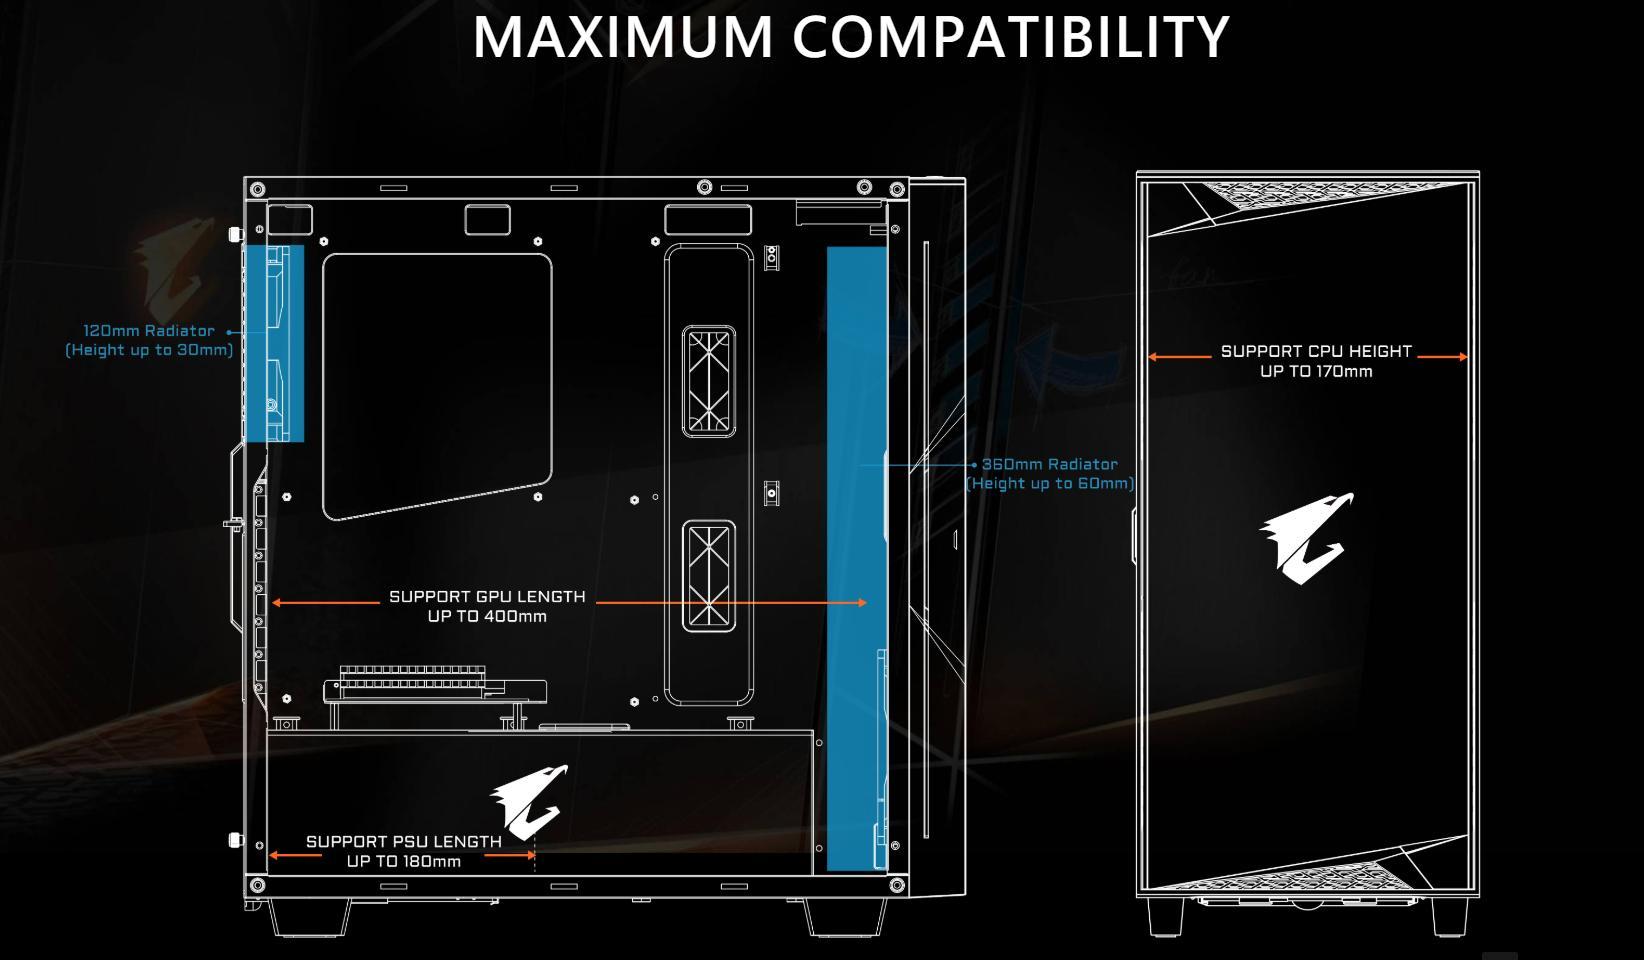 Vỏ Case Gigabyte GB-AC300G Tempered Glass Gaming (Mid Tower/Màu Đen/Led RGB) hỗ trợ hầu như tối đa các loai Main như mini-ITX/m-ATX/ATX